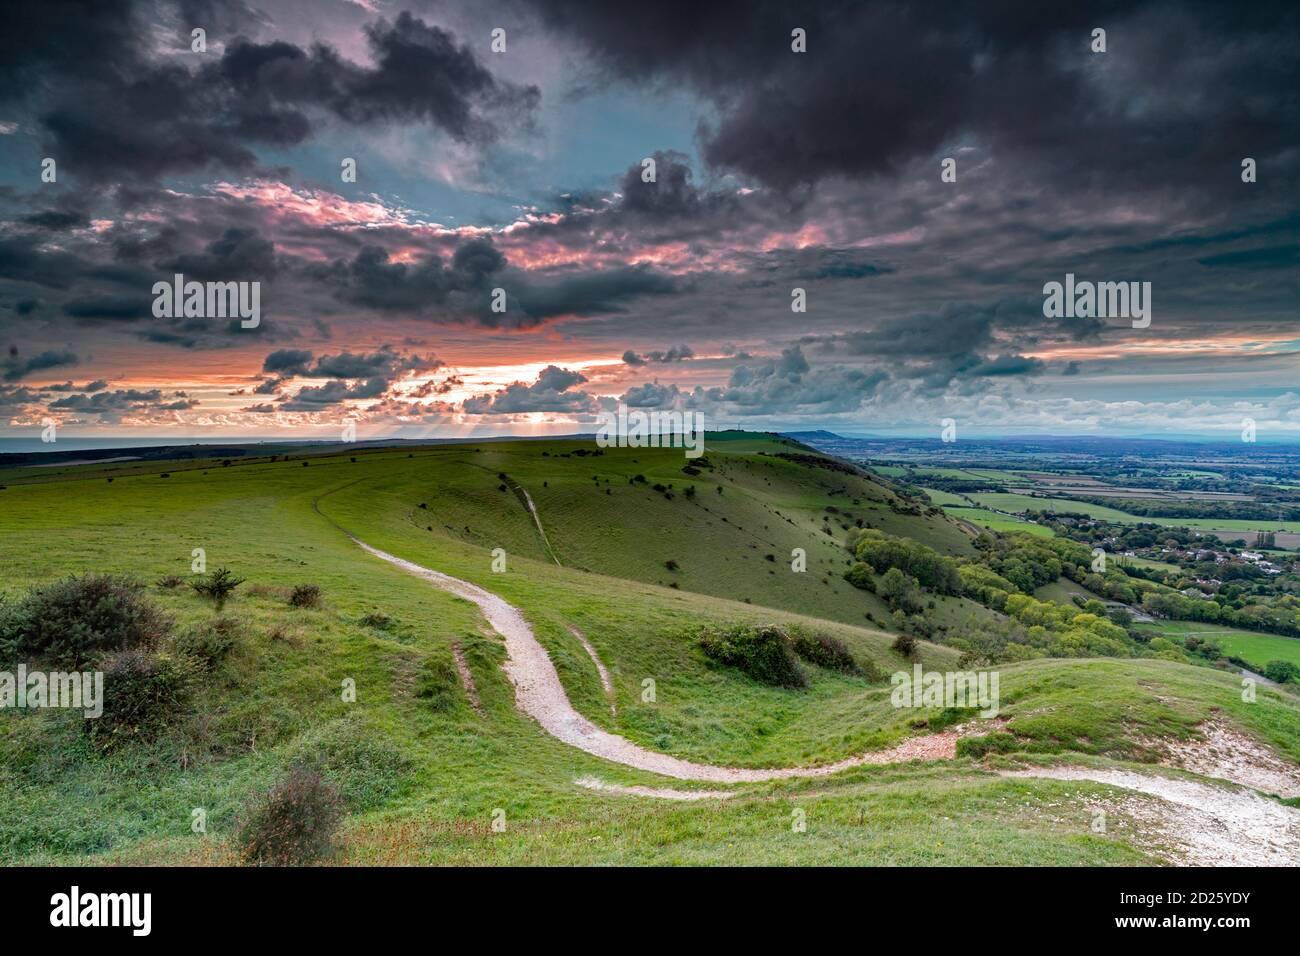 Nubes dispersas sobre el pueblo Fulking y vistas hacia el hiill de truleigh y el mar en el Parque Nacional de South Downs desde Devil's Dyke, Sussex, Eng Foto de stock